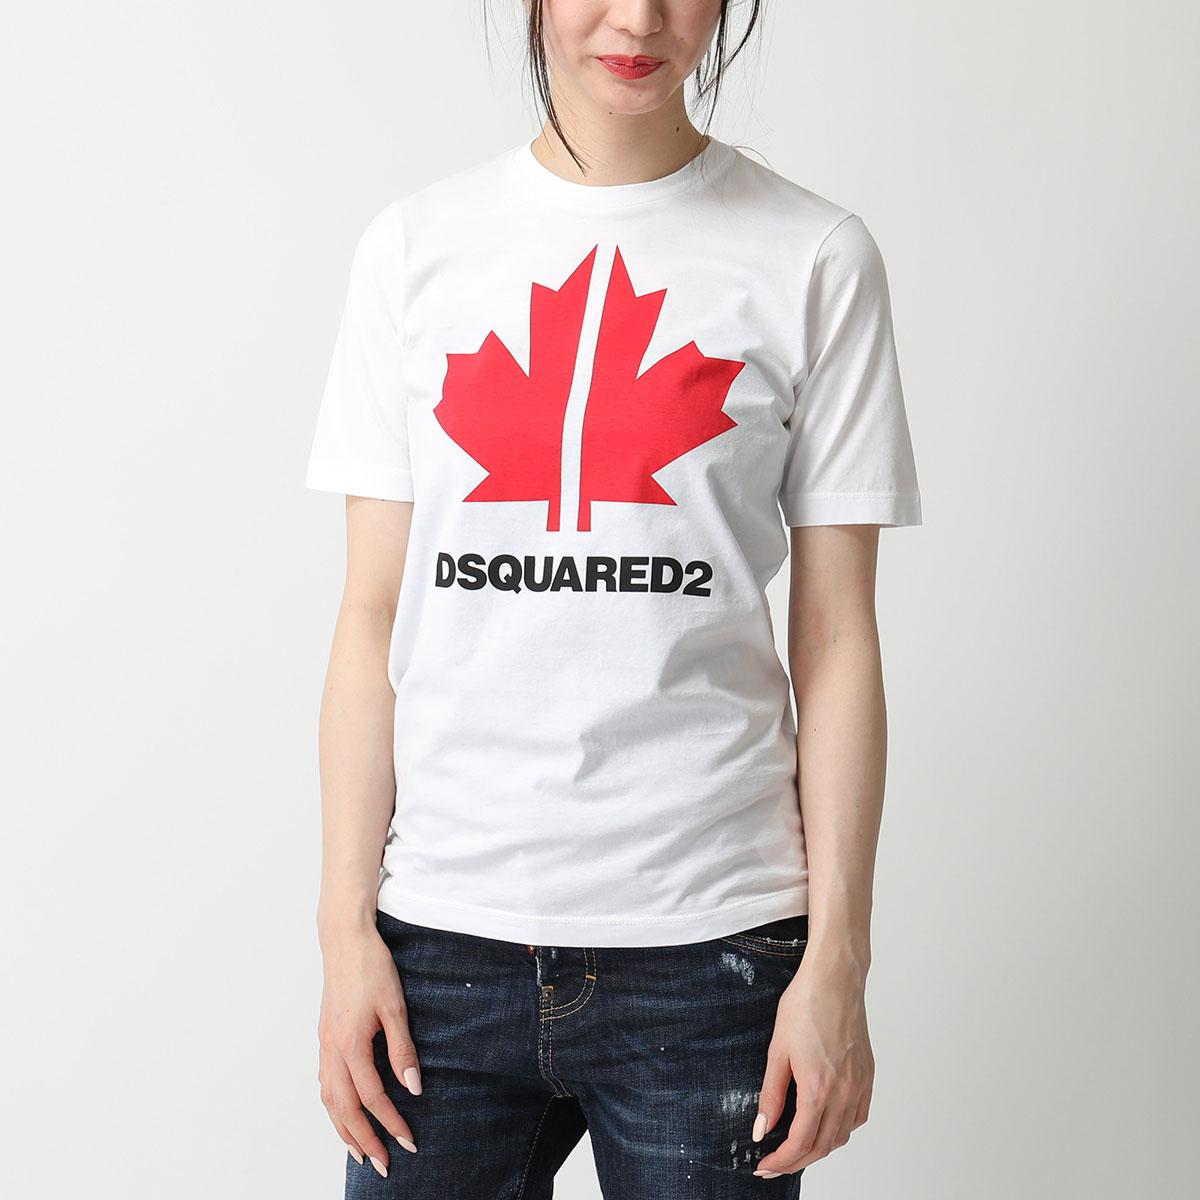 DSQUARED2 ディースクエアード S75GD0095 S22427 100 クルーネック 半袖 Tシャツ カットソー エンブレム×ロゴプリント レディース